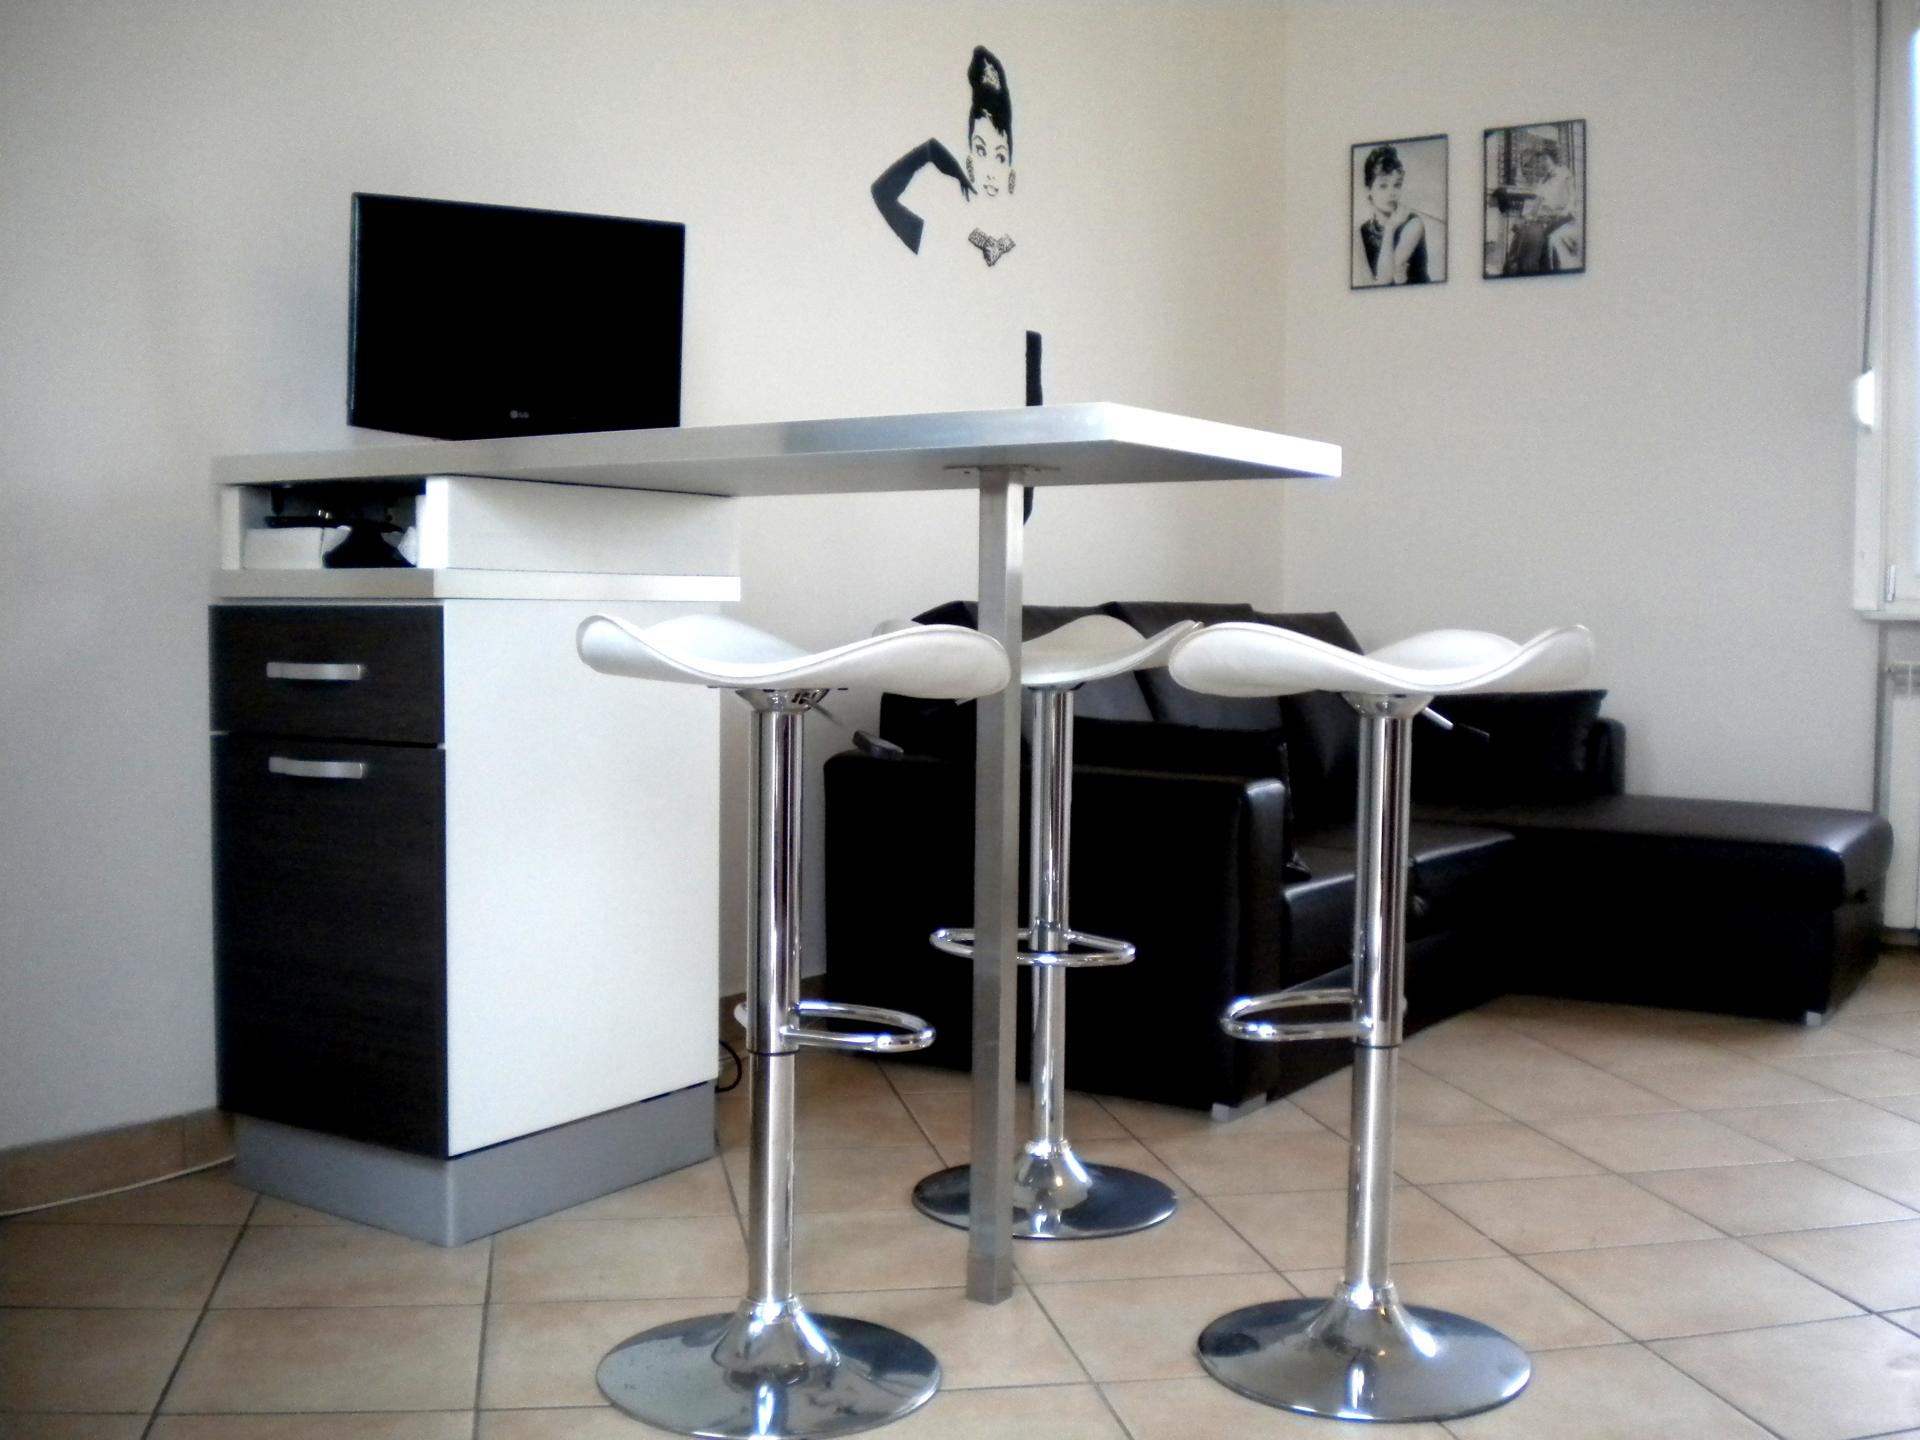 Appartamento in vendita a Trezzo sull'Adda, 1 locali, prezzo € 75.000 | PortaleAgenzieImmobiliari.it